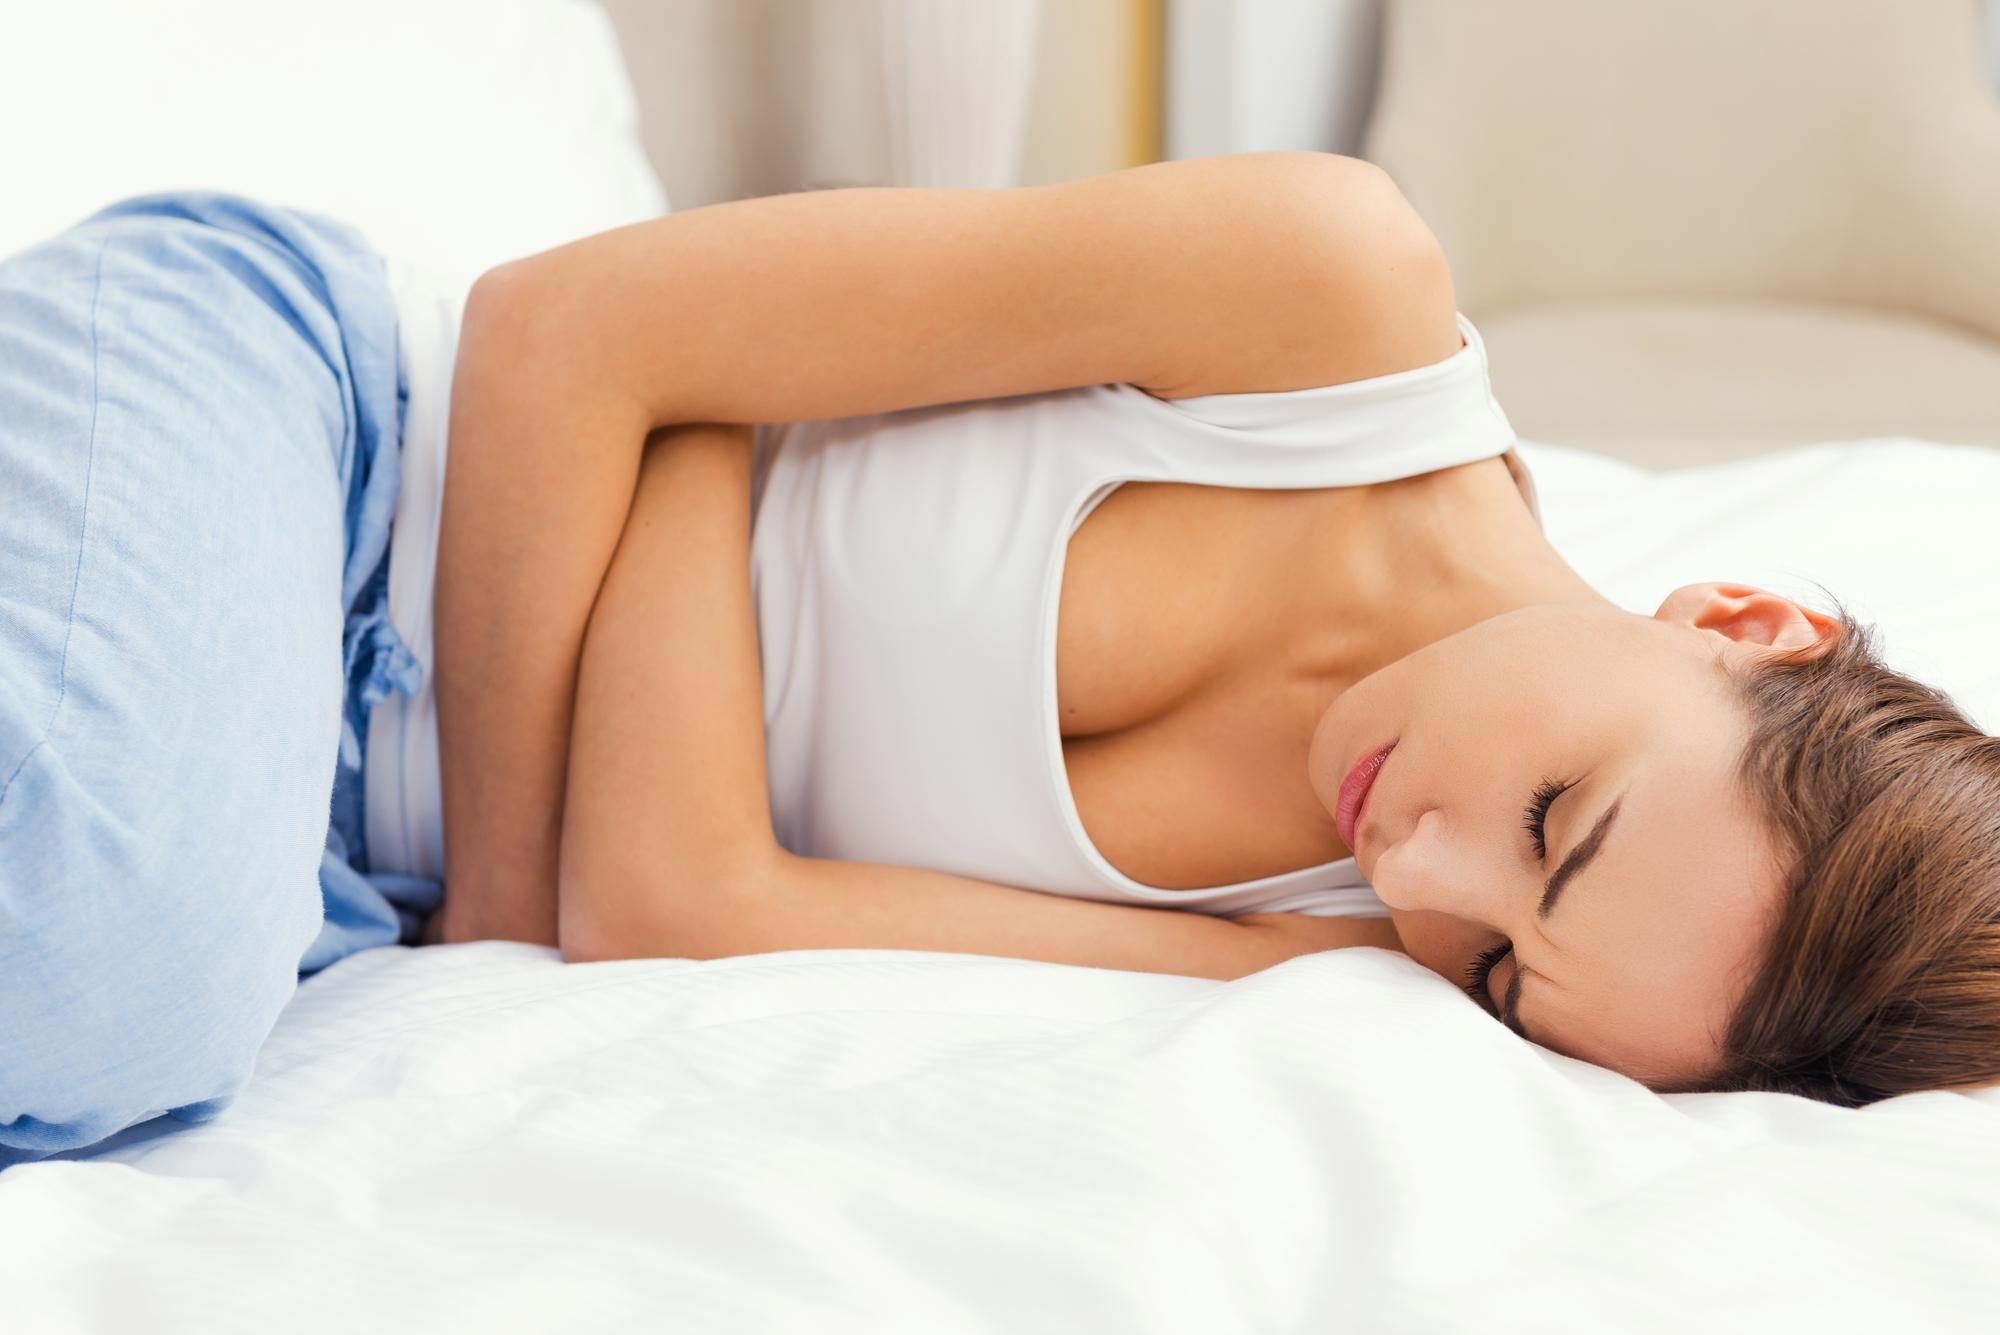 Эктропион шейки матки: предраковое состояние или гормональный сбой?